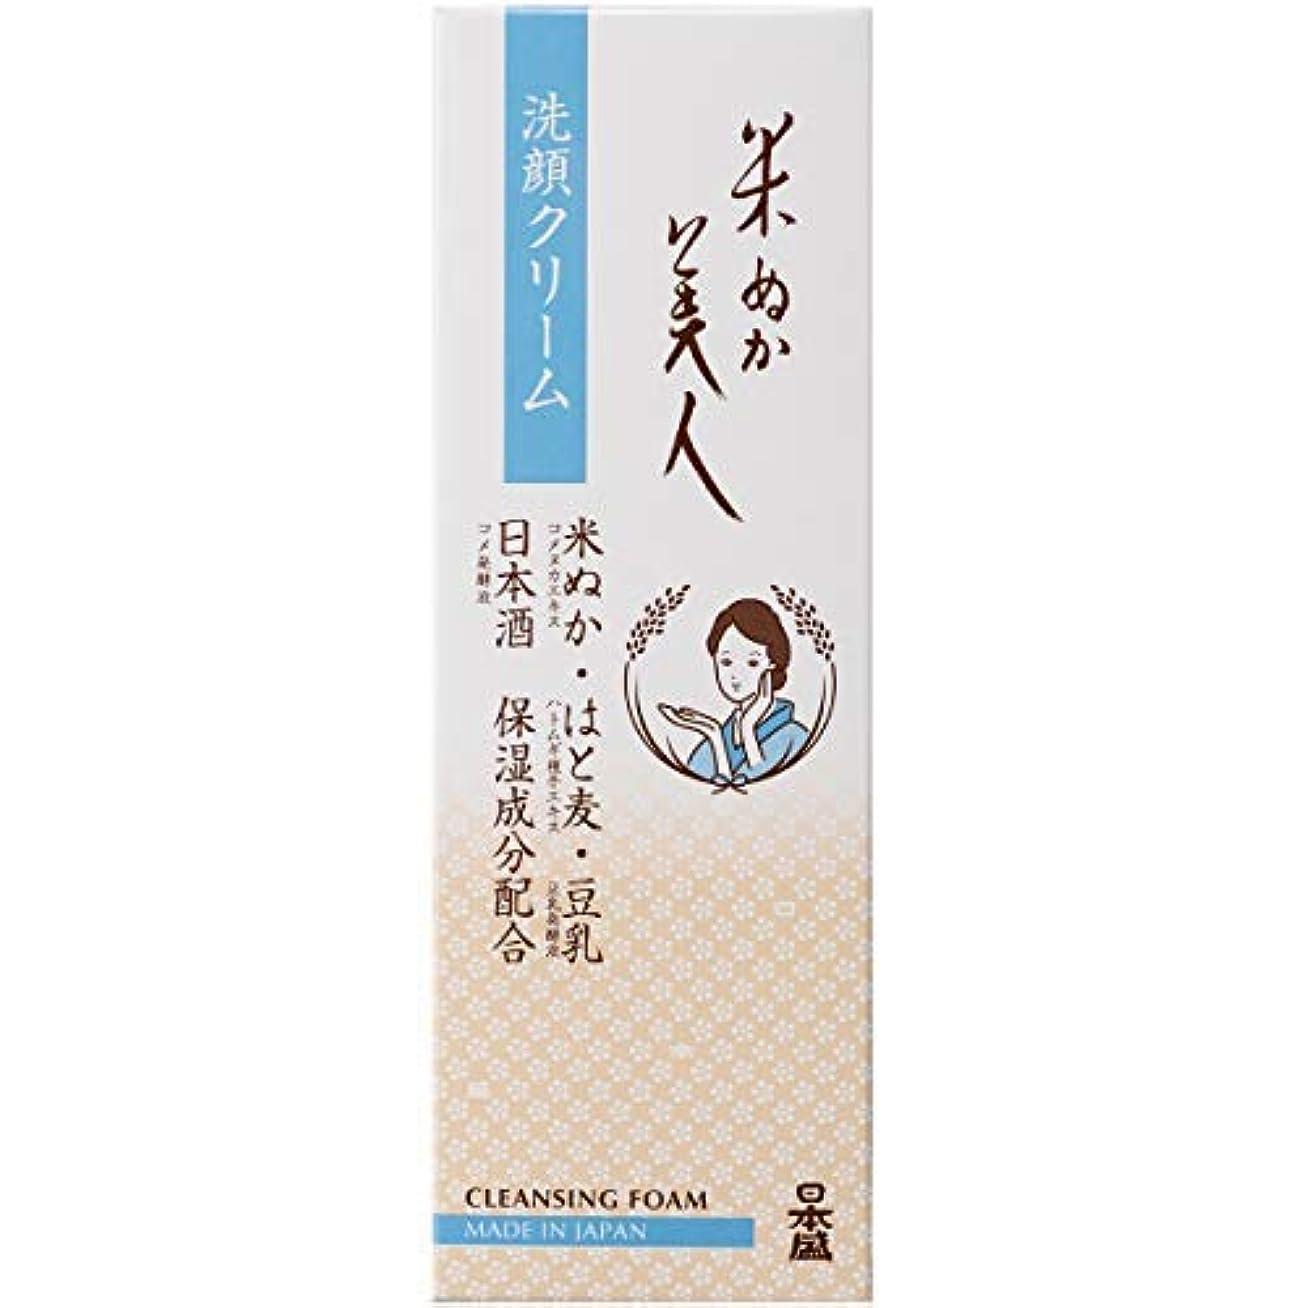 補正蘇生する地下室米ぬか美人 洗顔クリーム × 3個セット